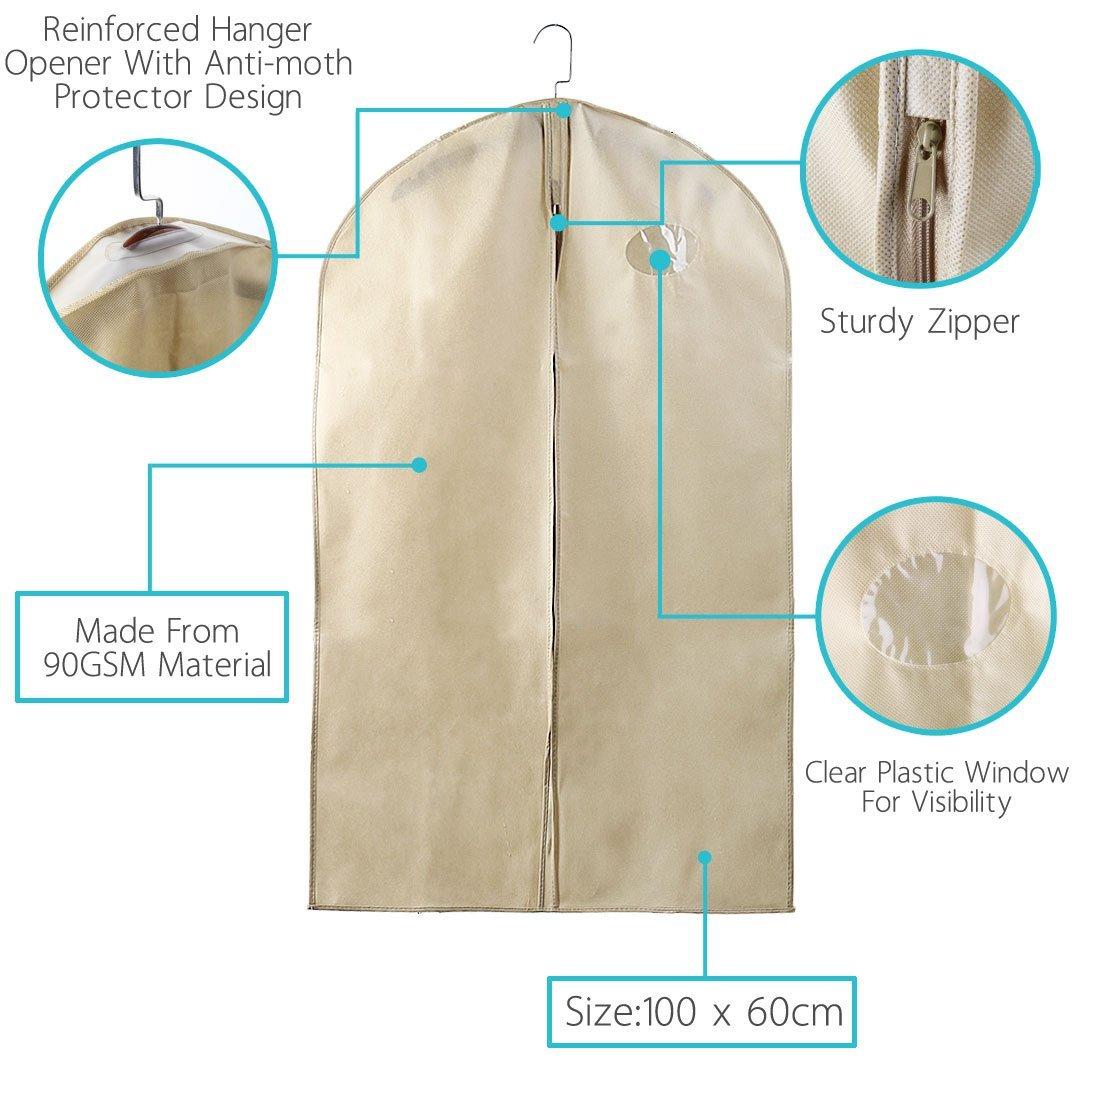 Amazon.com: eDealMax 40 pulgadas transpirable Traje plegable Bolsa de ropa, cubierta del Vestido, ropa Cubiertas Para viajes, (Pack DE 5, DE Color caqui): ...